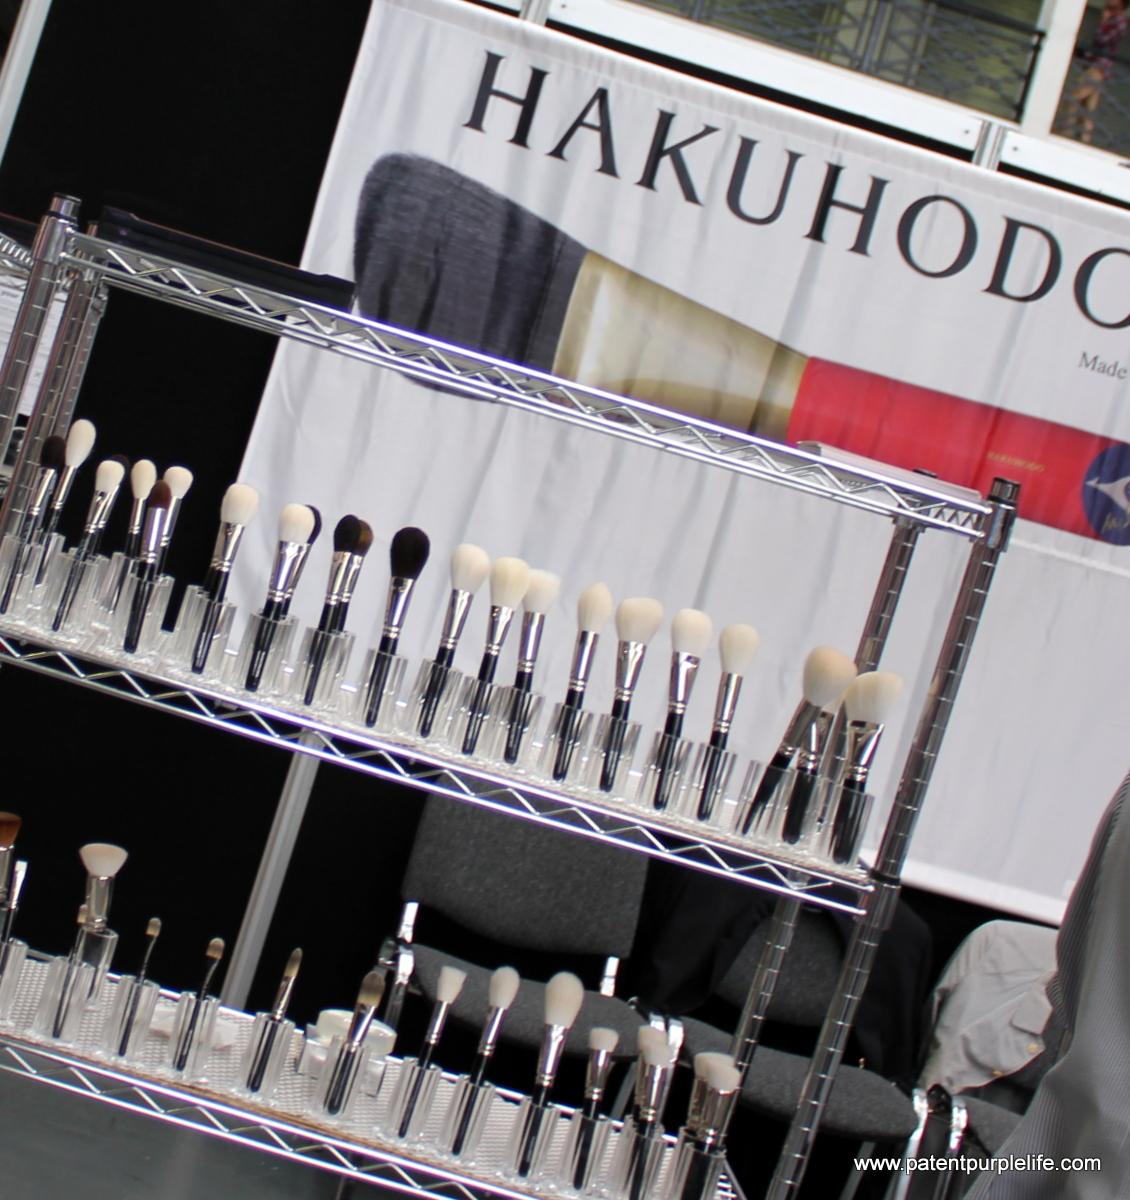 imats 2015 Hakuhodo